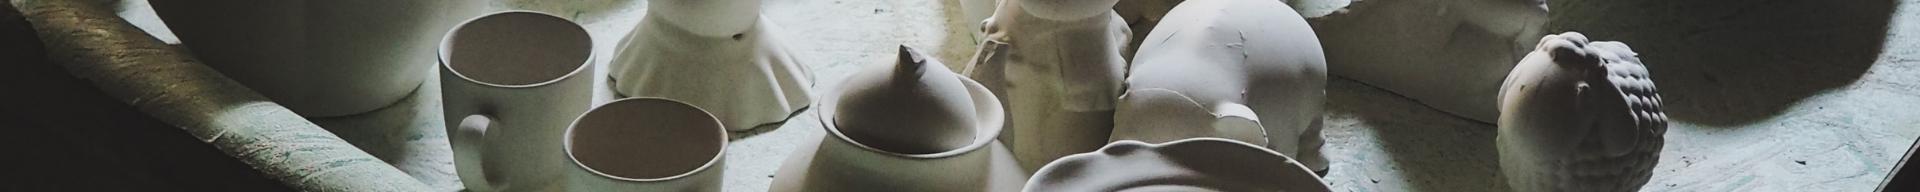 Fragmenty wyrobów ceramicznych.